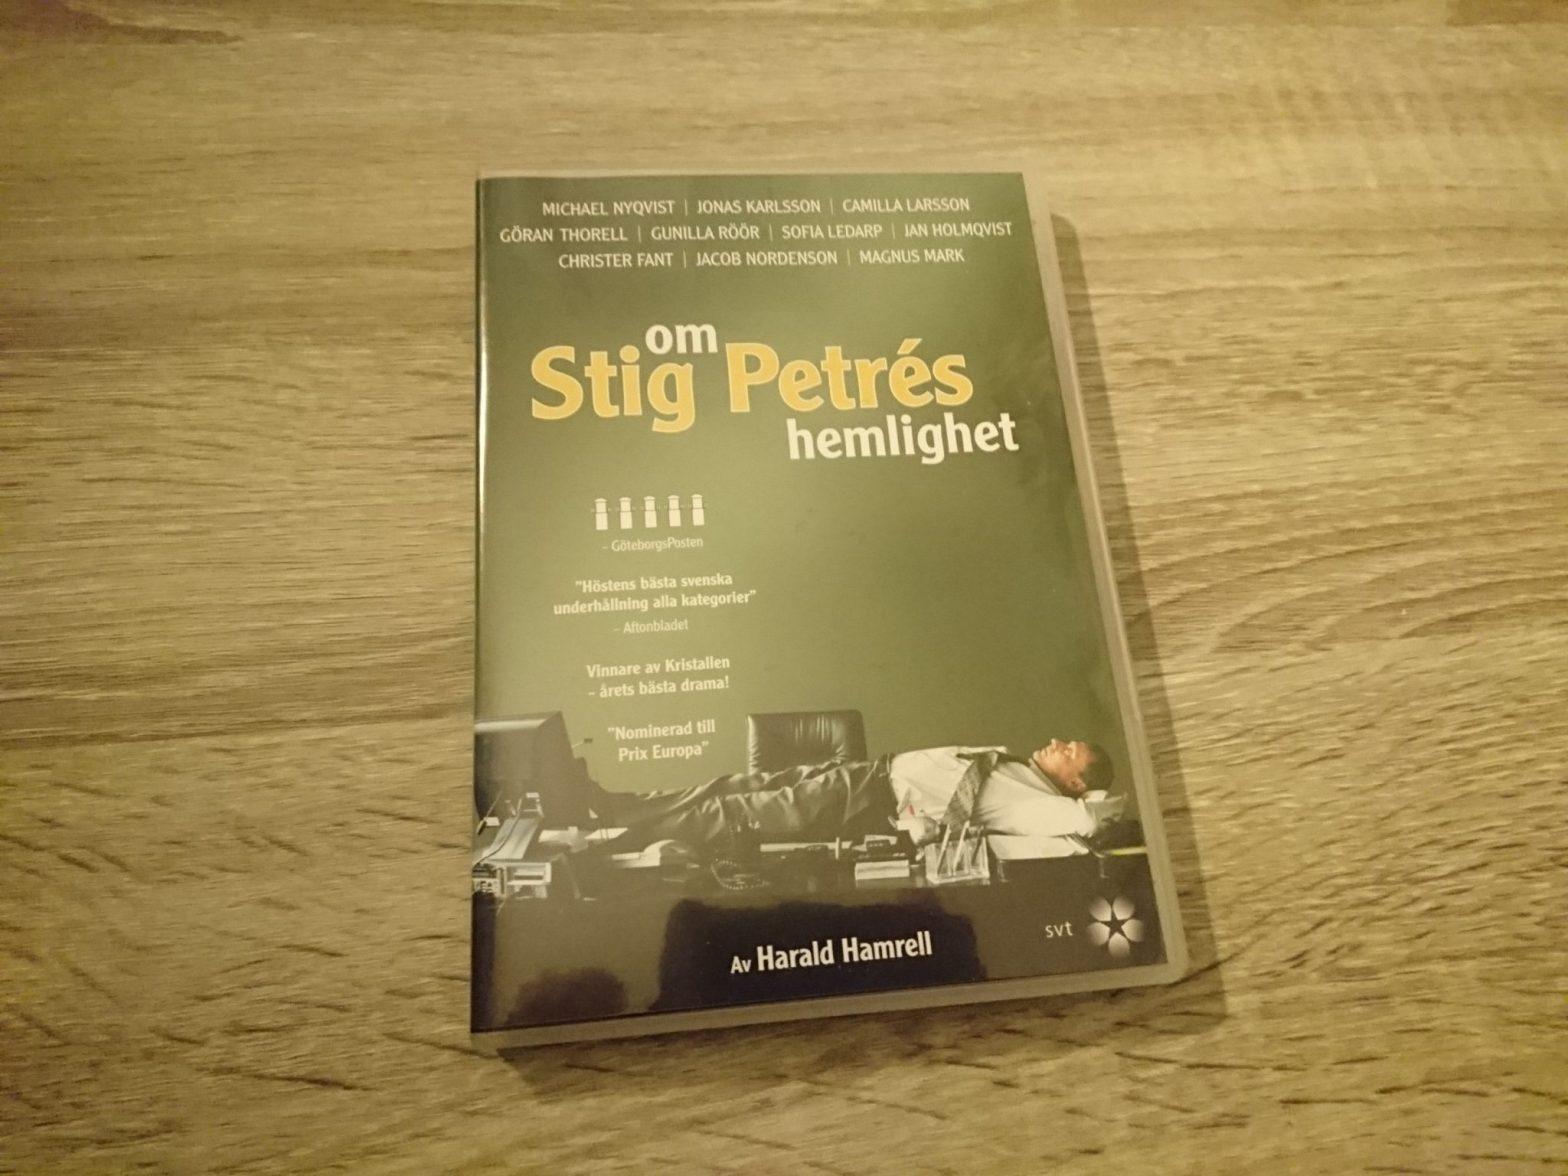 Om Stig Petrés hemlighet (dvd-omslag)